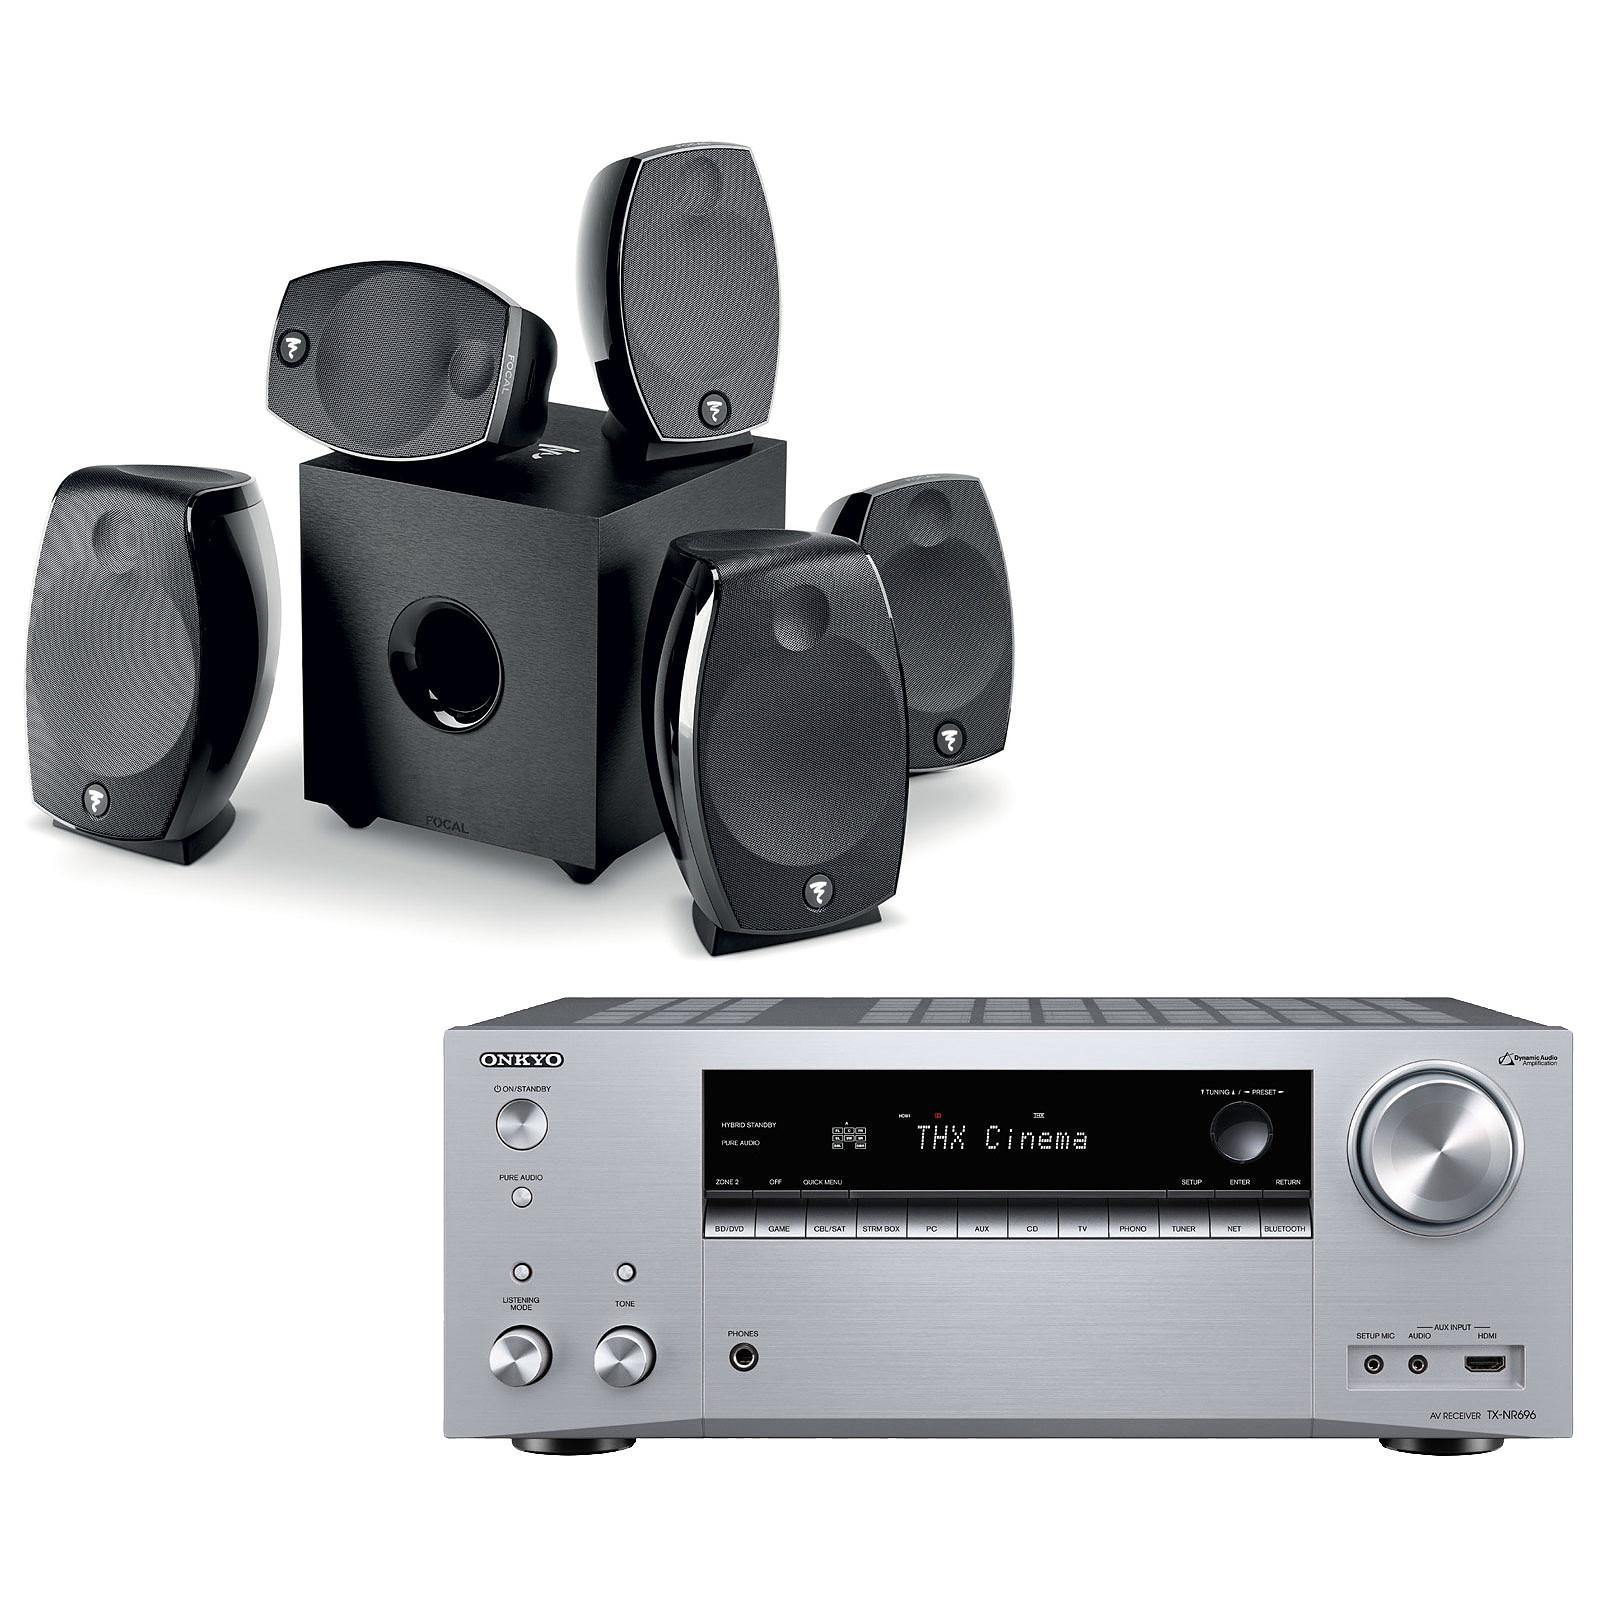 Onkyo TX-NR696 Argent + Focal Sib Evo 5.1.2 Dolby Atmos